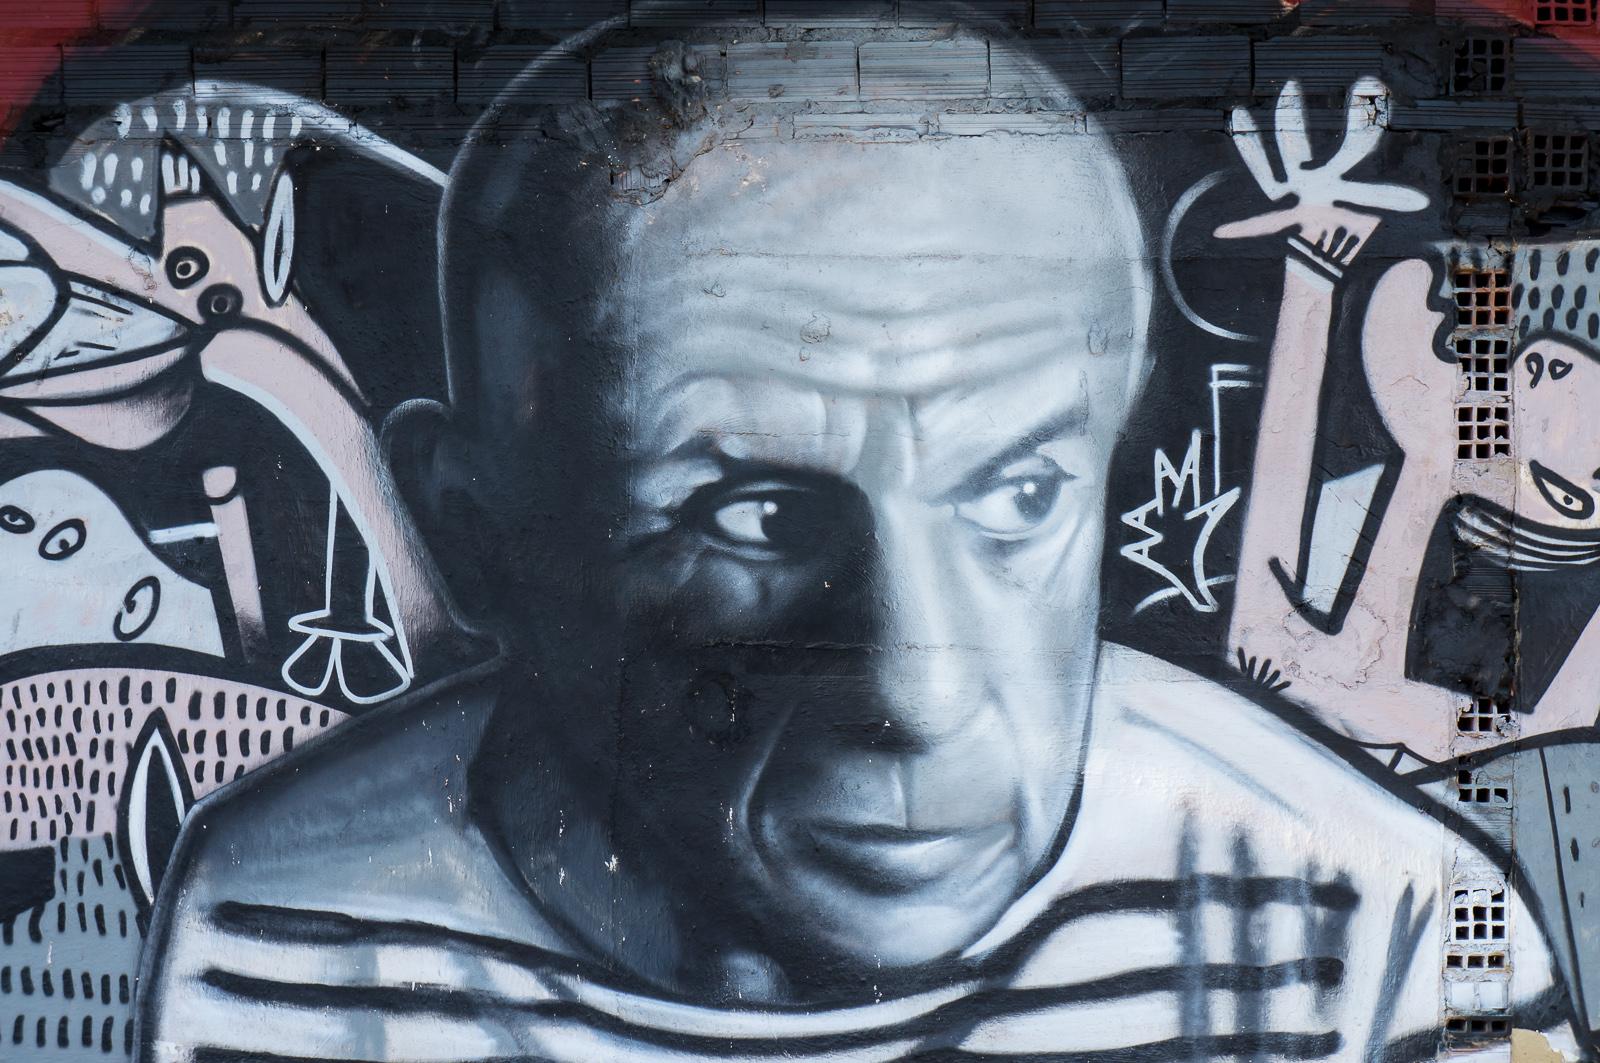 Streetart-Porträt von Pablo Picasso in València.